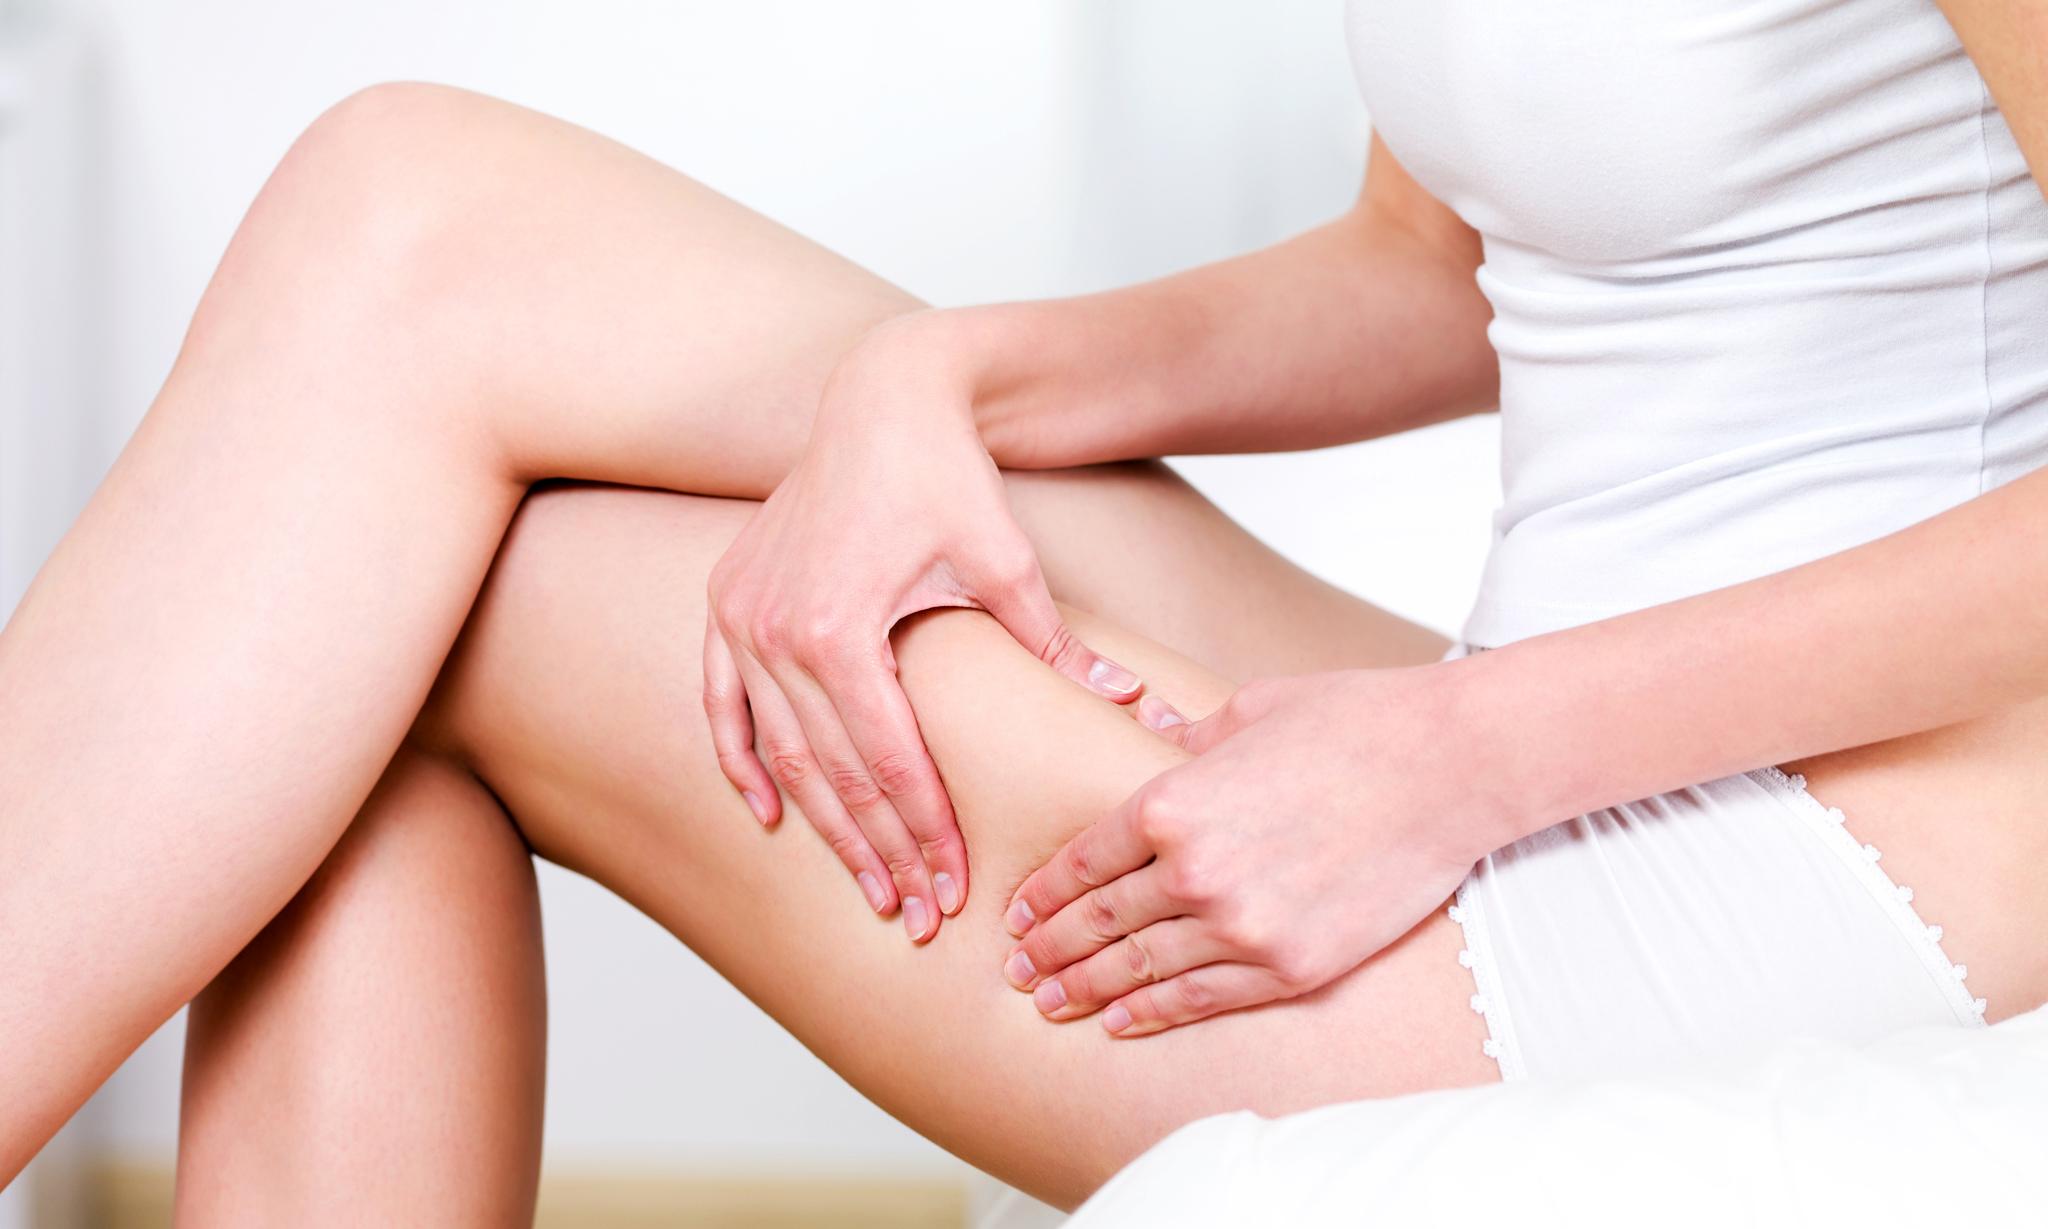 С какой части тела начать массаж алгоритм действия массажа на определенные участки тела